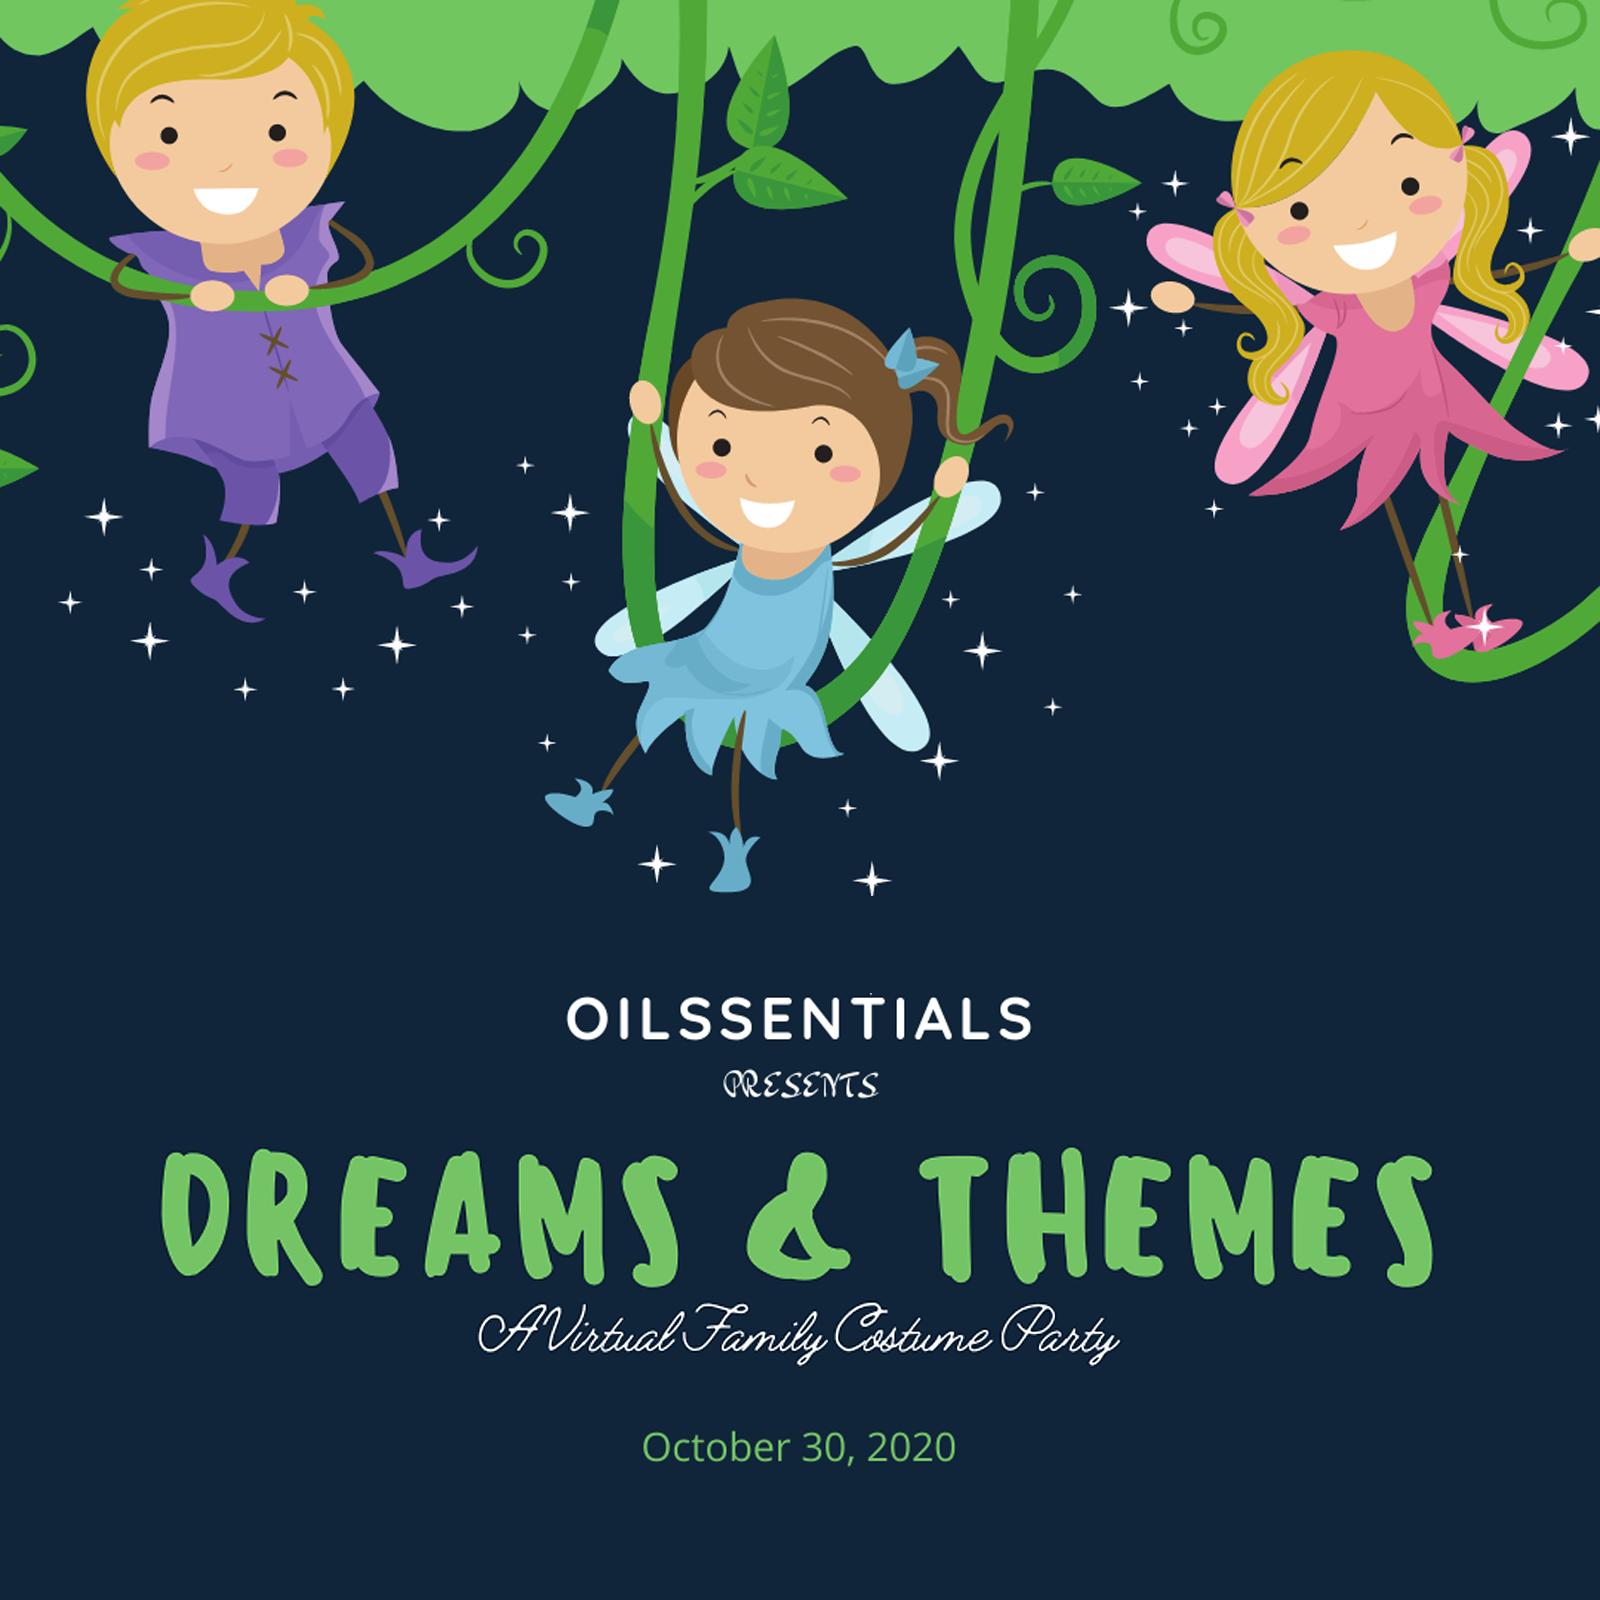 oilssentials02_splash